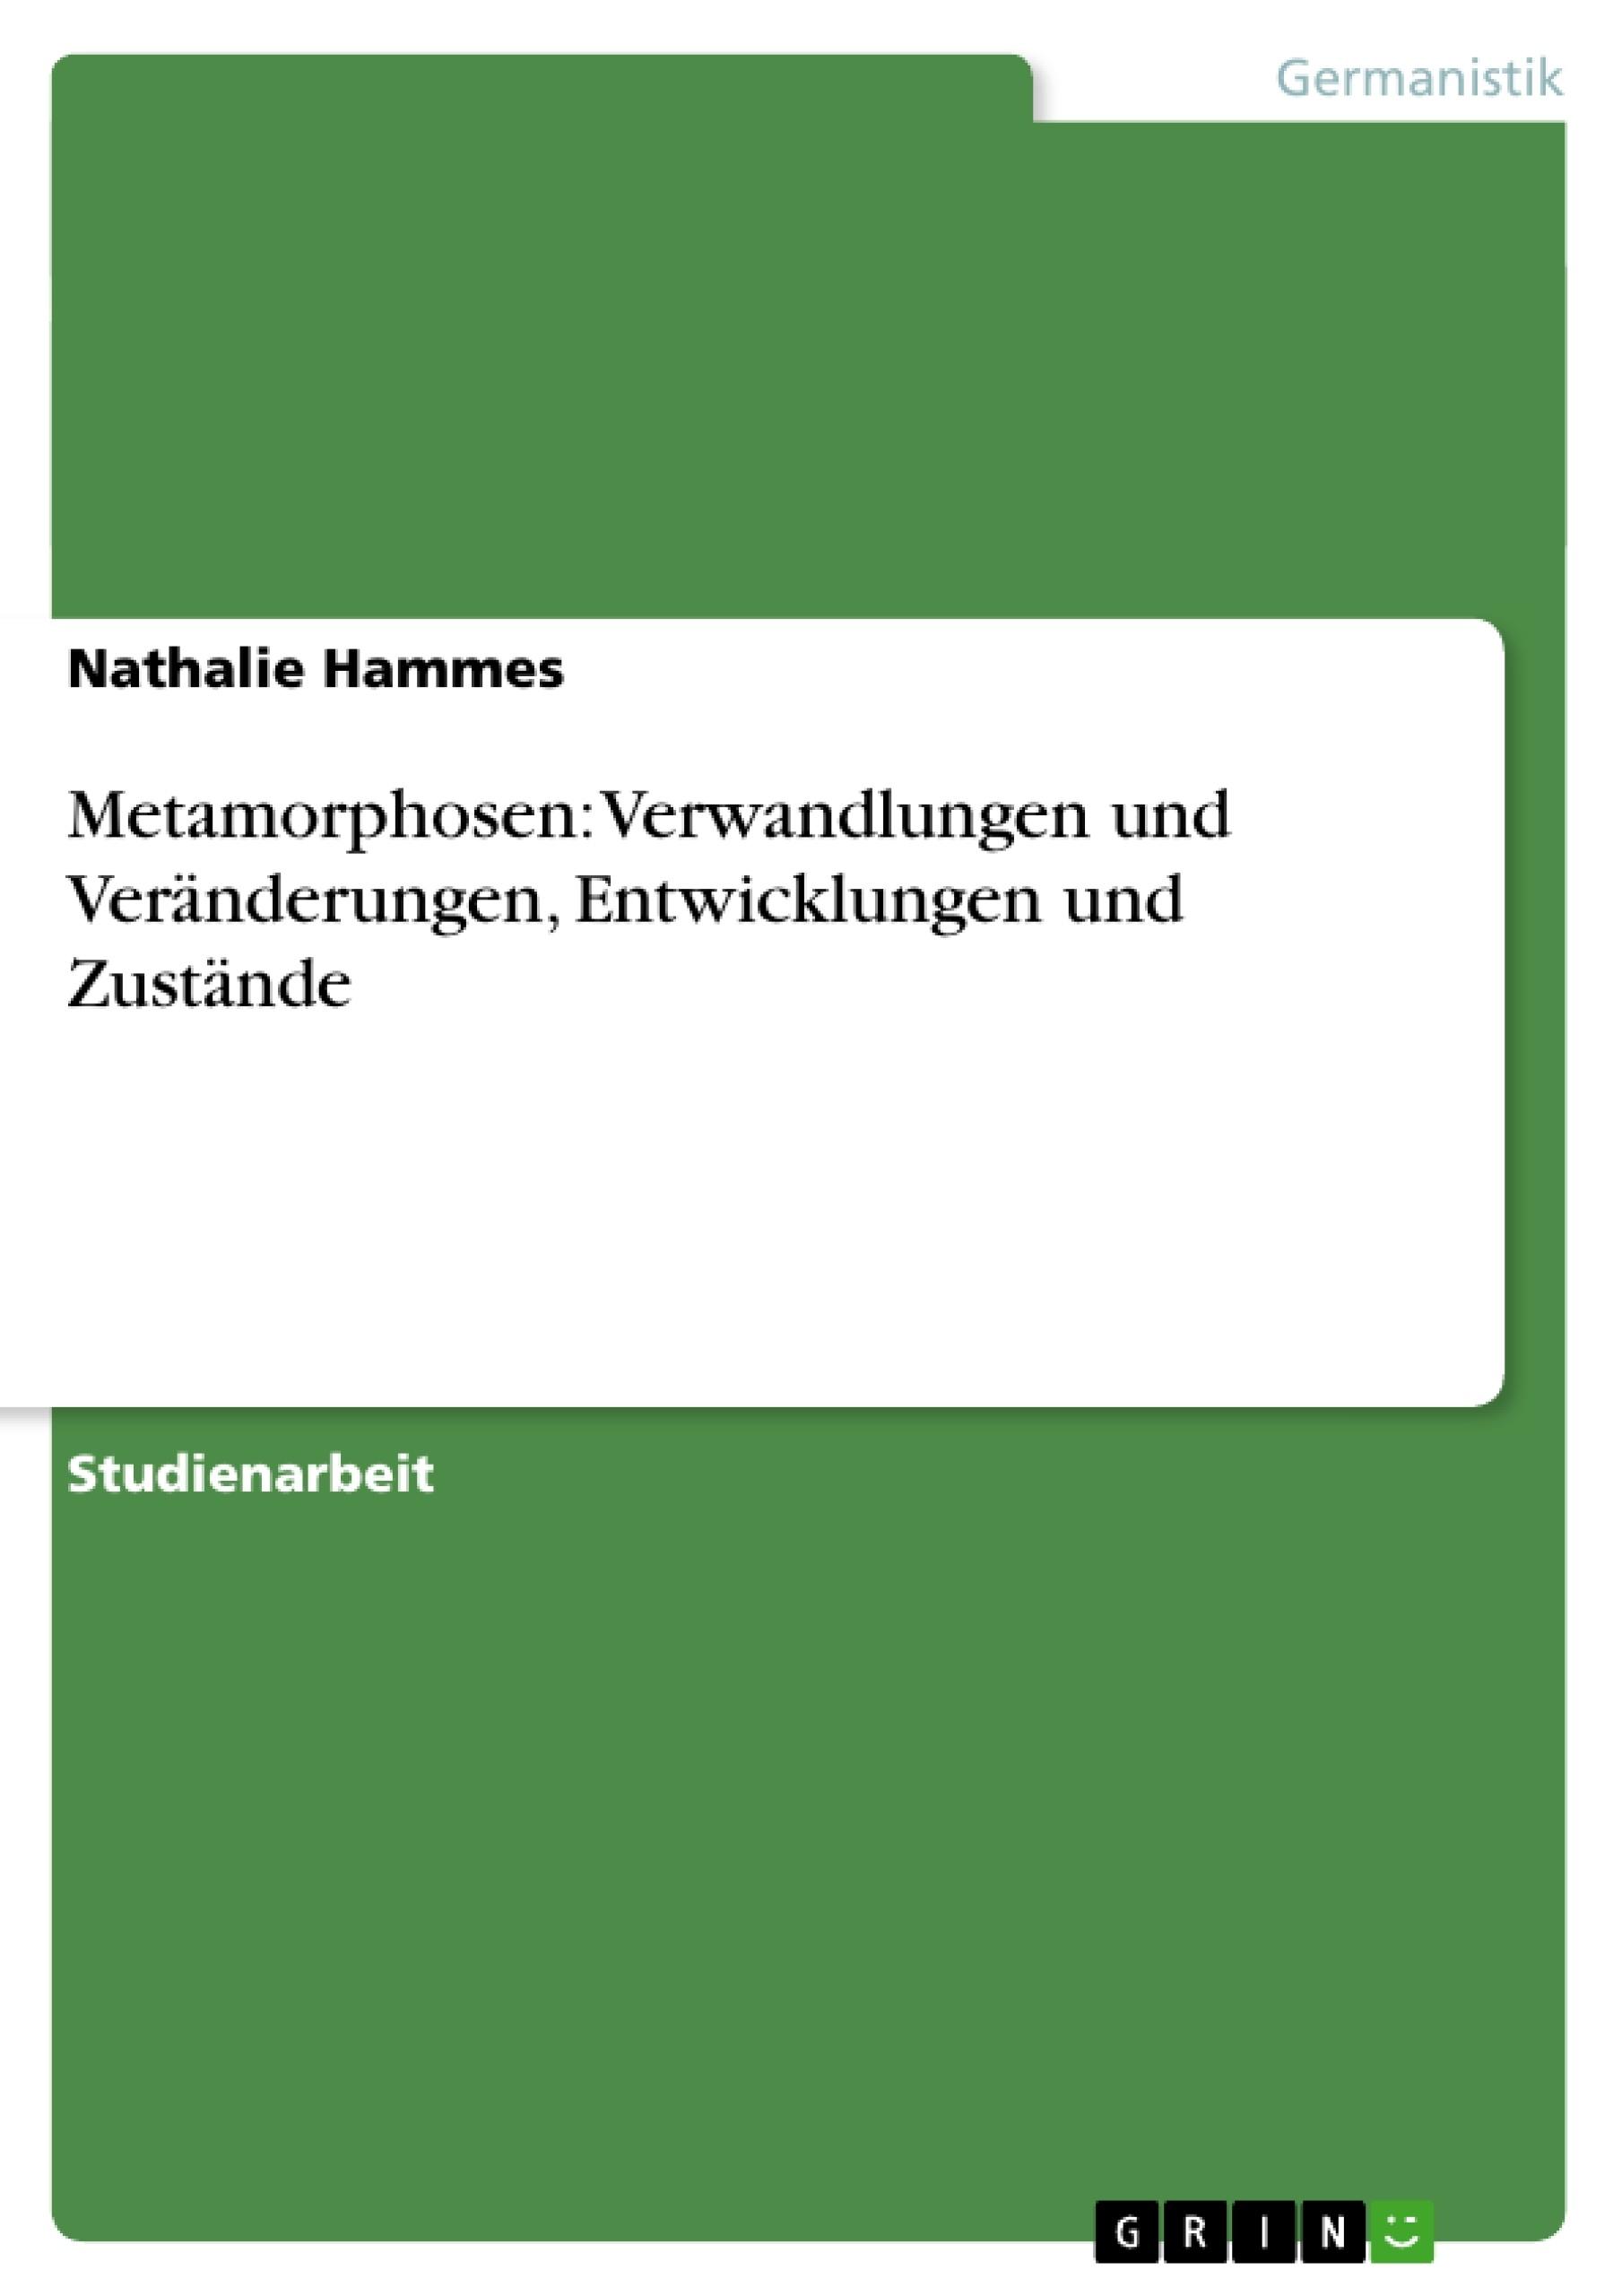 Titel: Metamorphosen: Verwandlungen und Veränderungen, Entwicklungen und Zustände